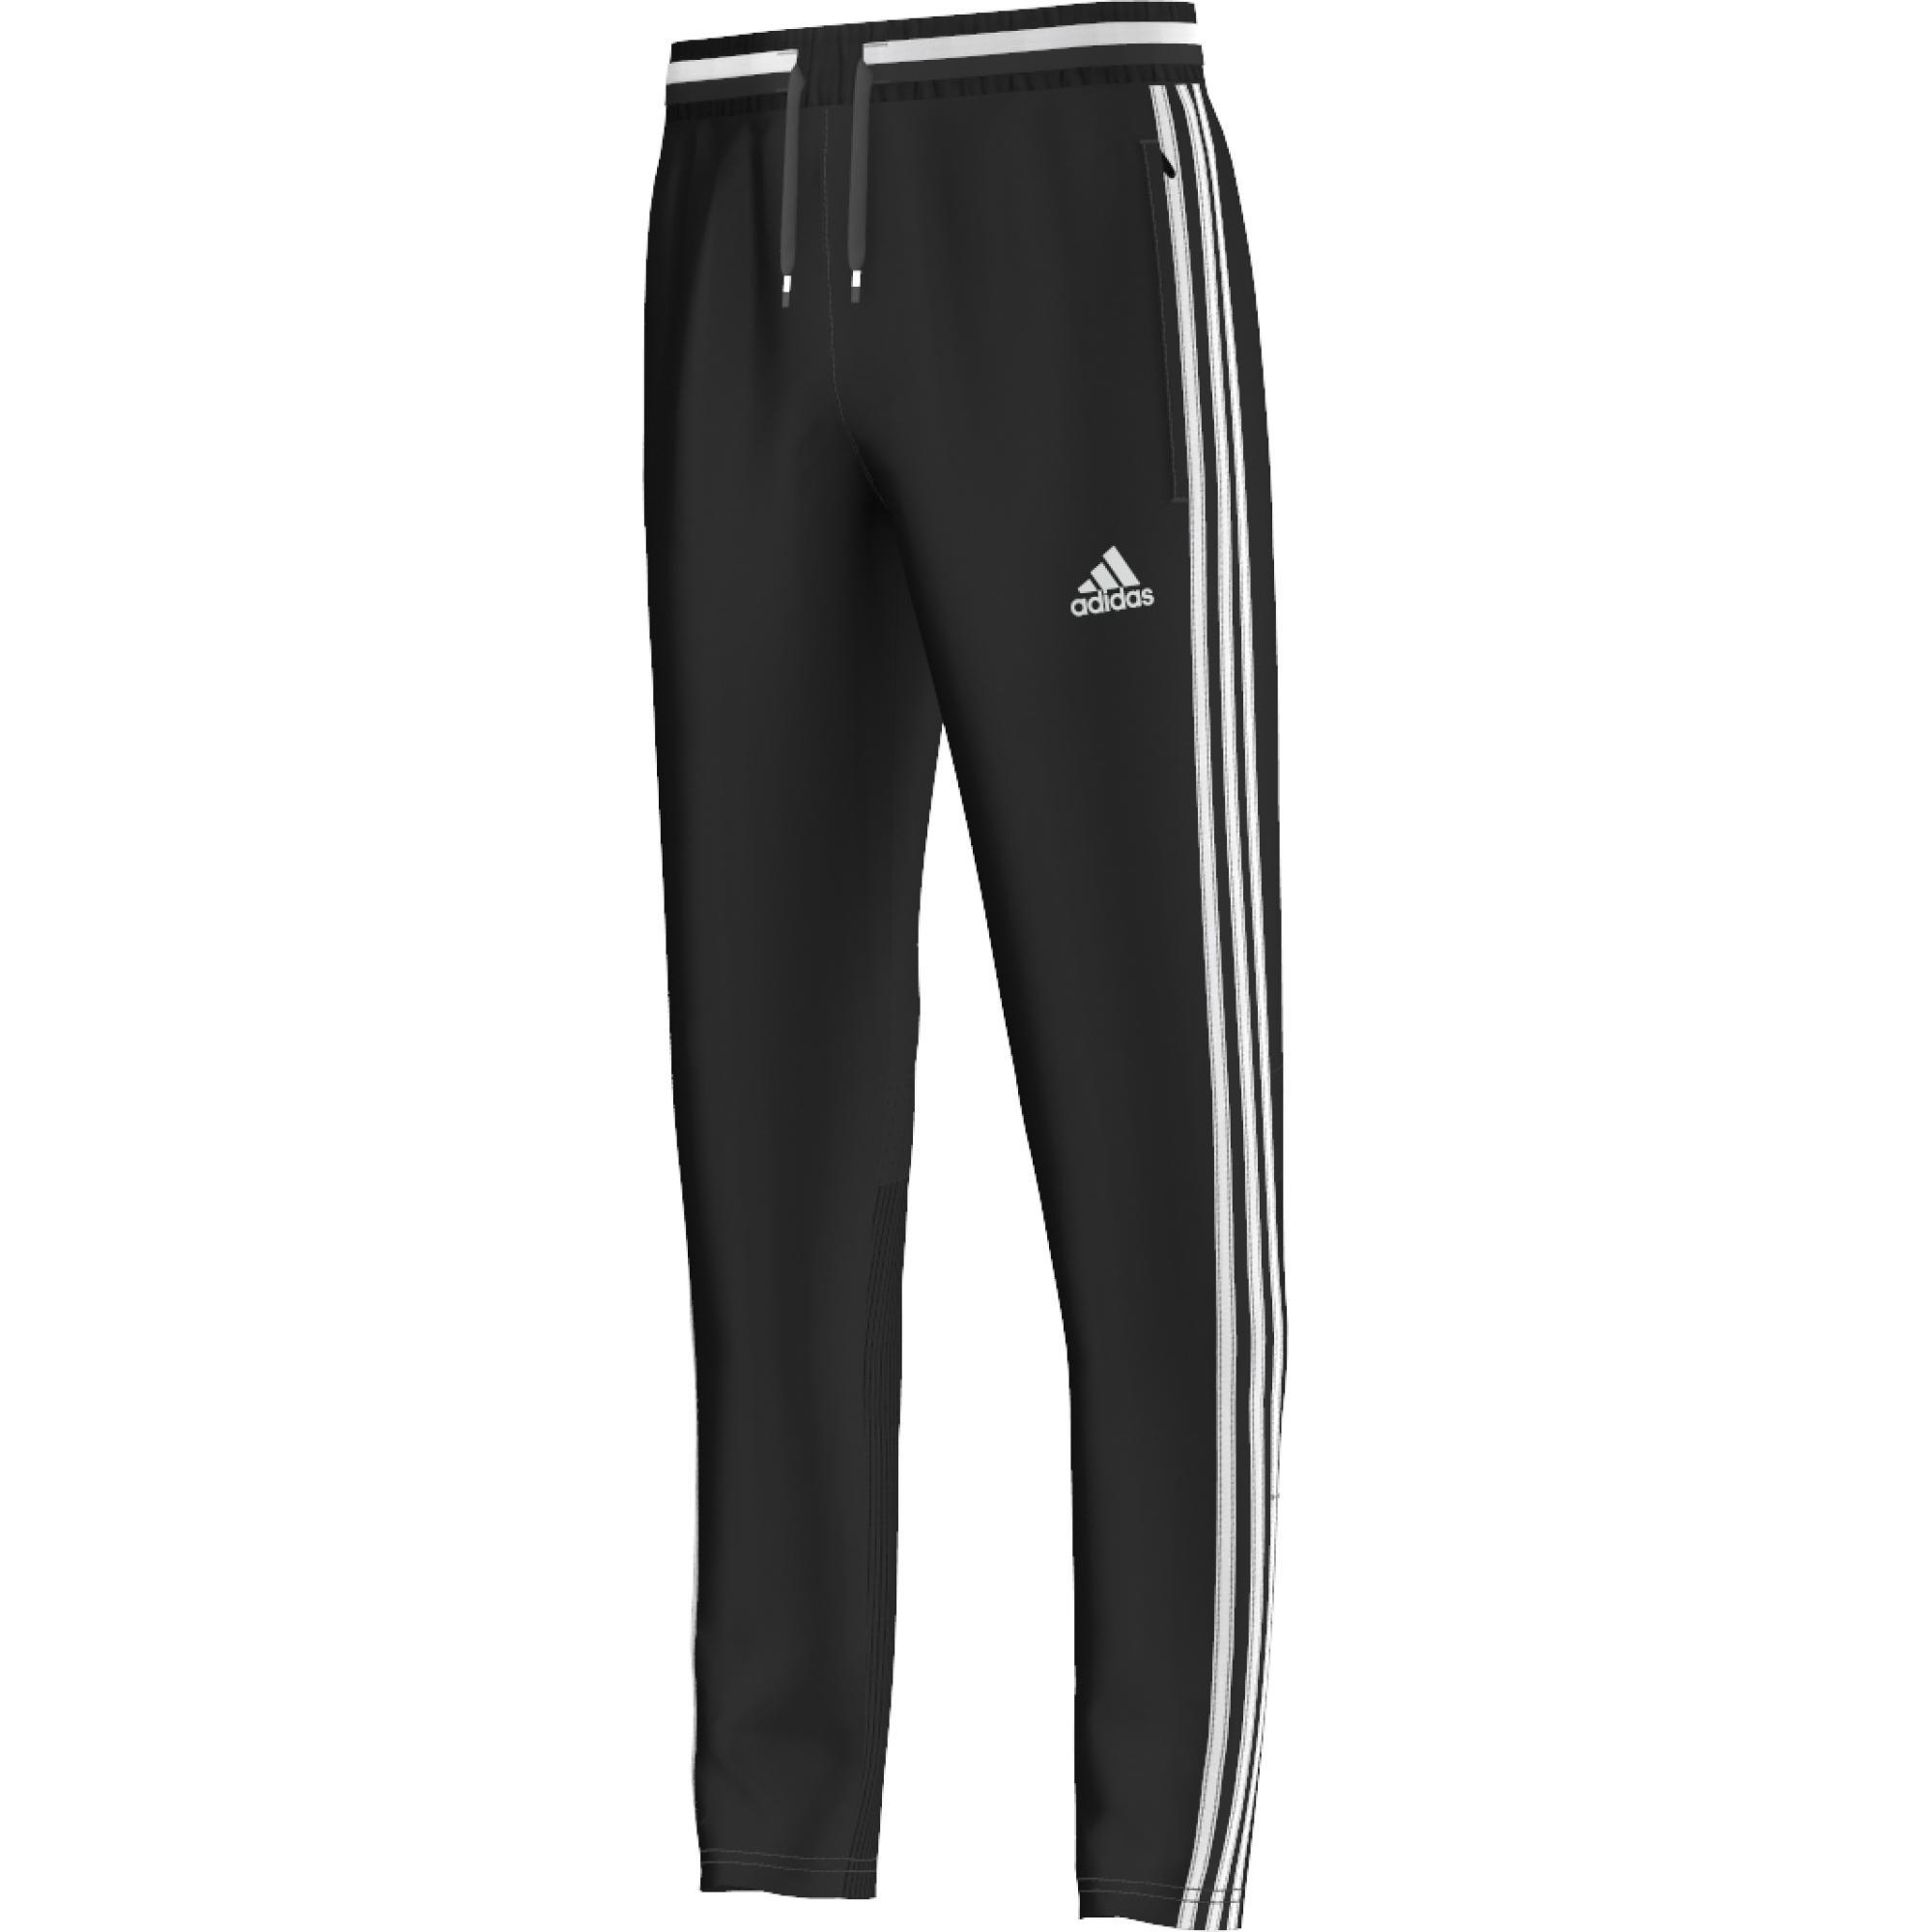 Image of   Adidas Condivo 16 træningsbukser til børn i Sort/Hvid